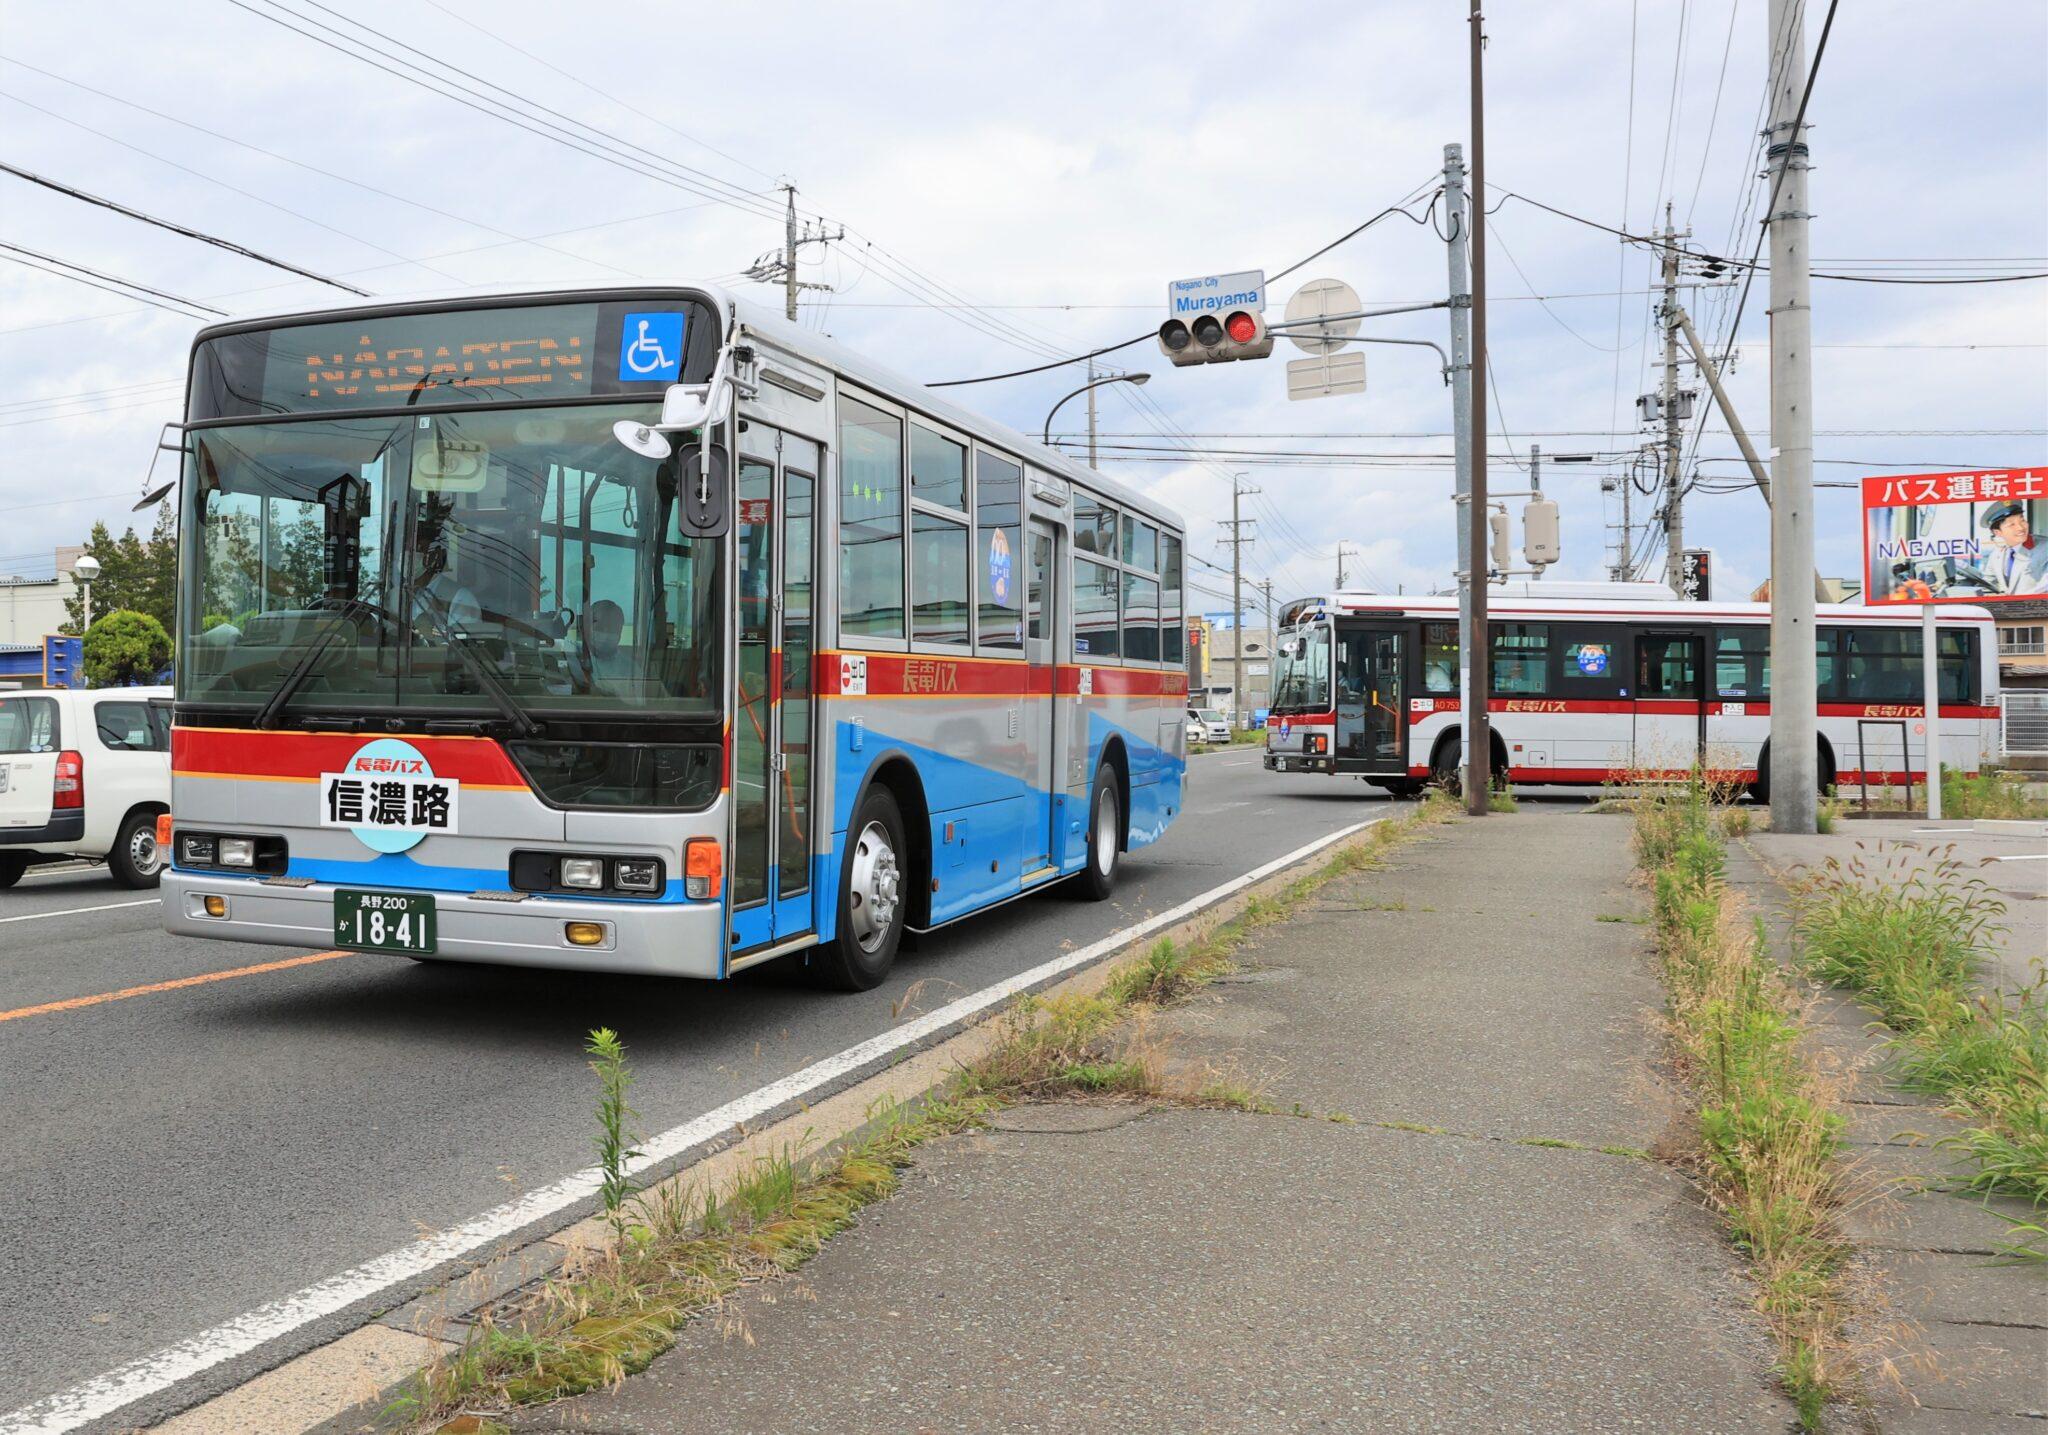 渋谷じゃないよ、長野だよ 東急バス色の長電バス、発車